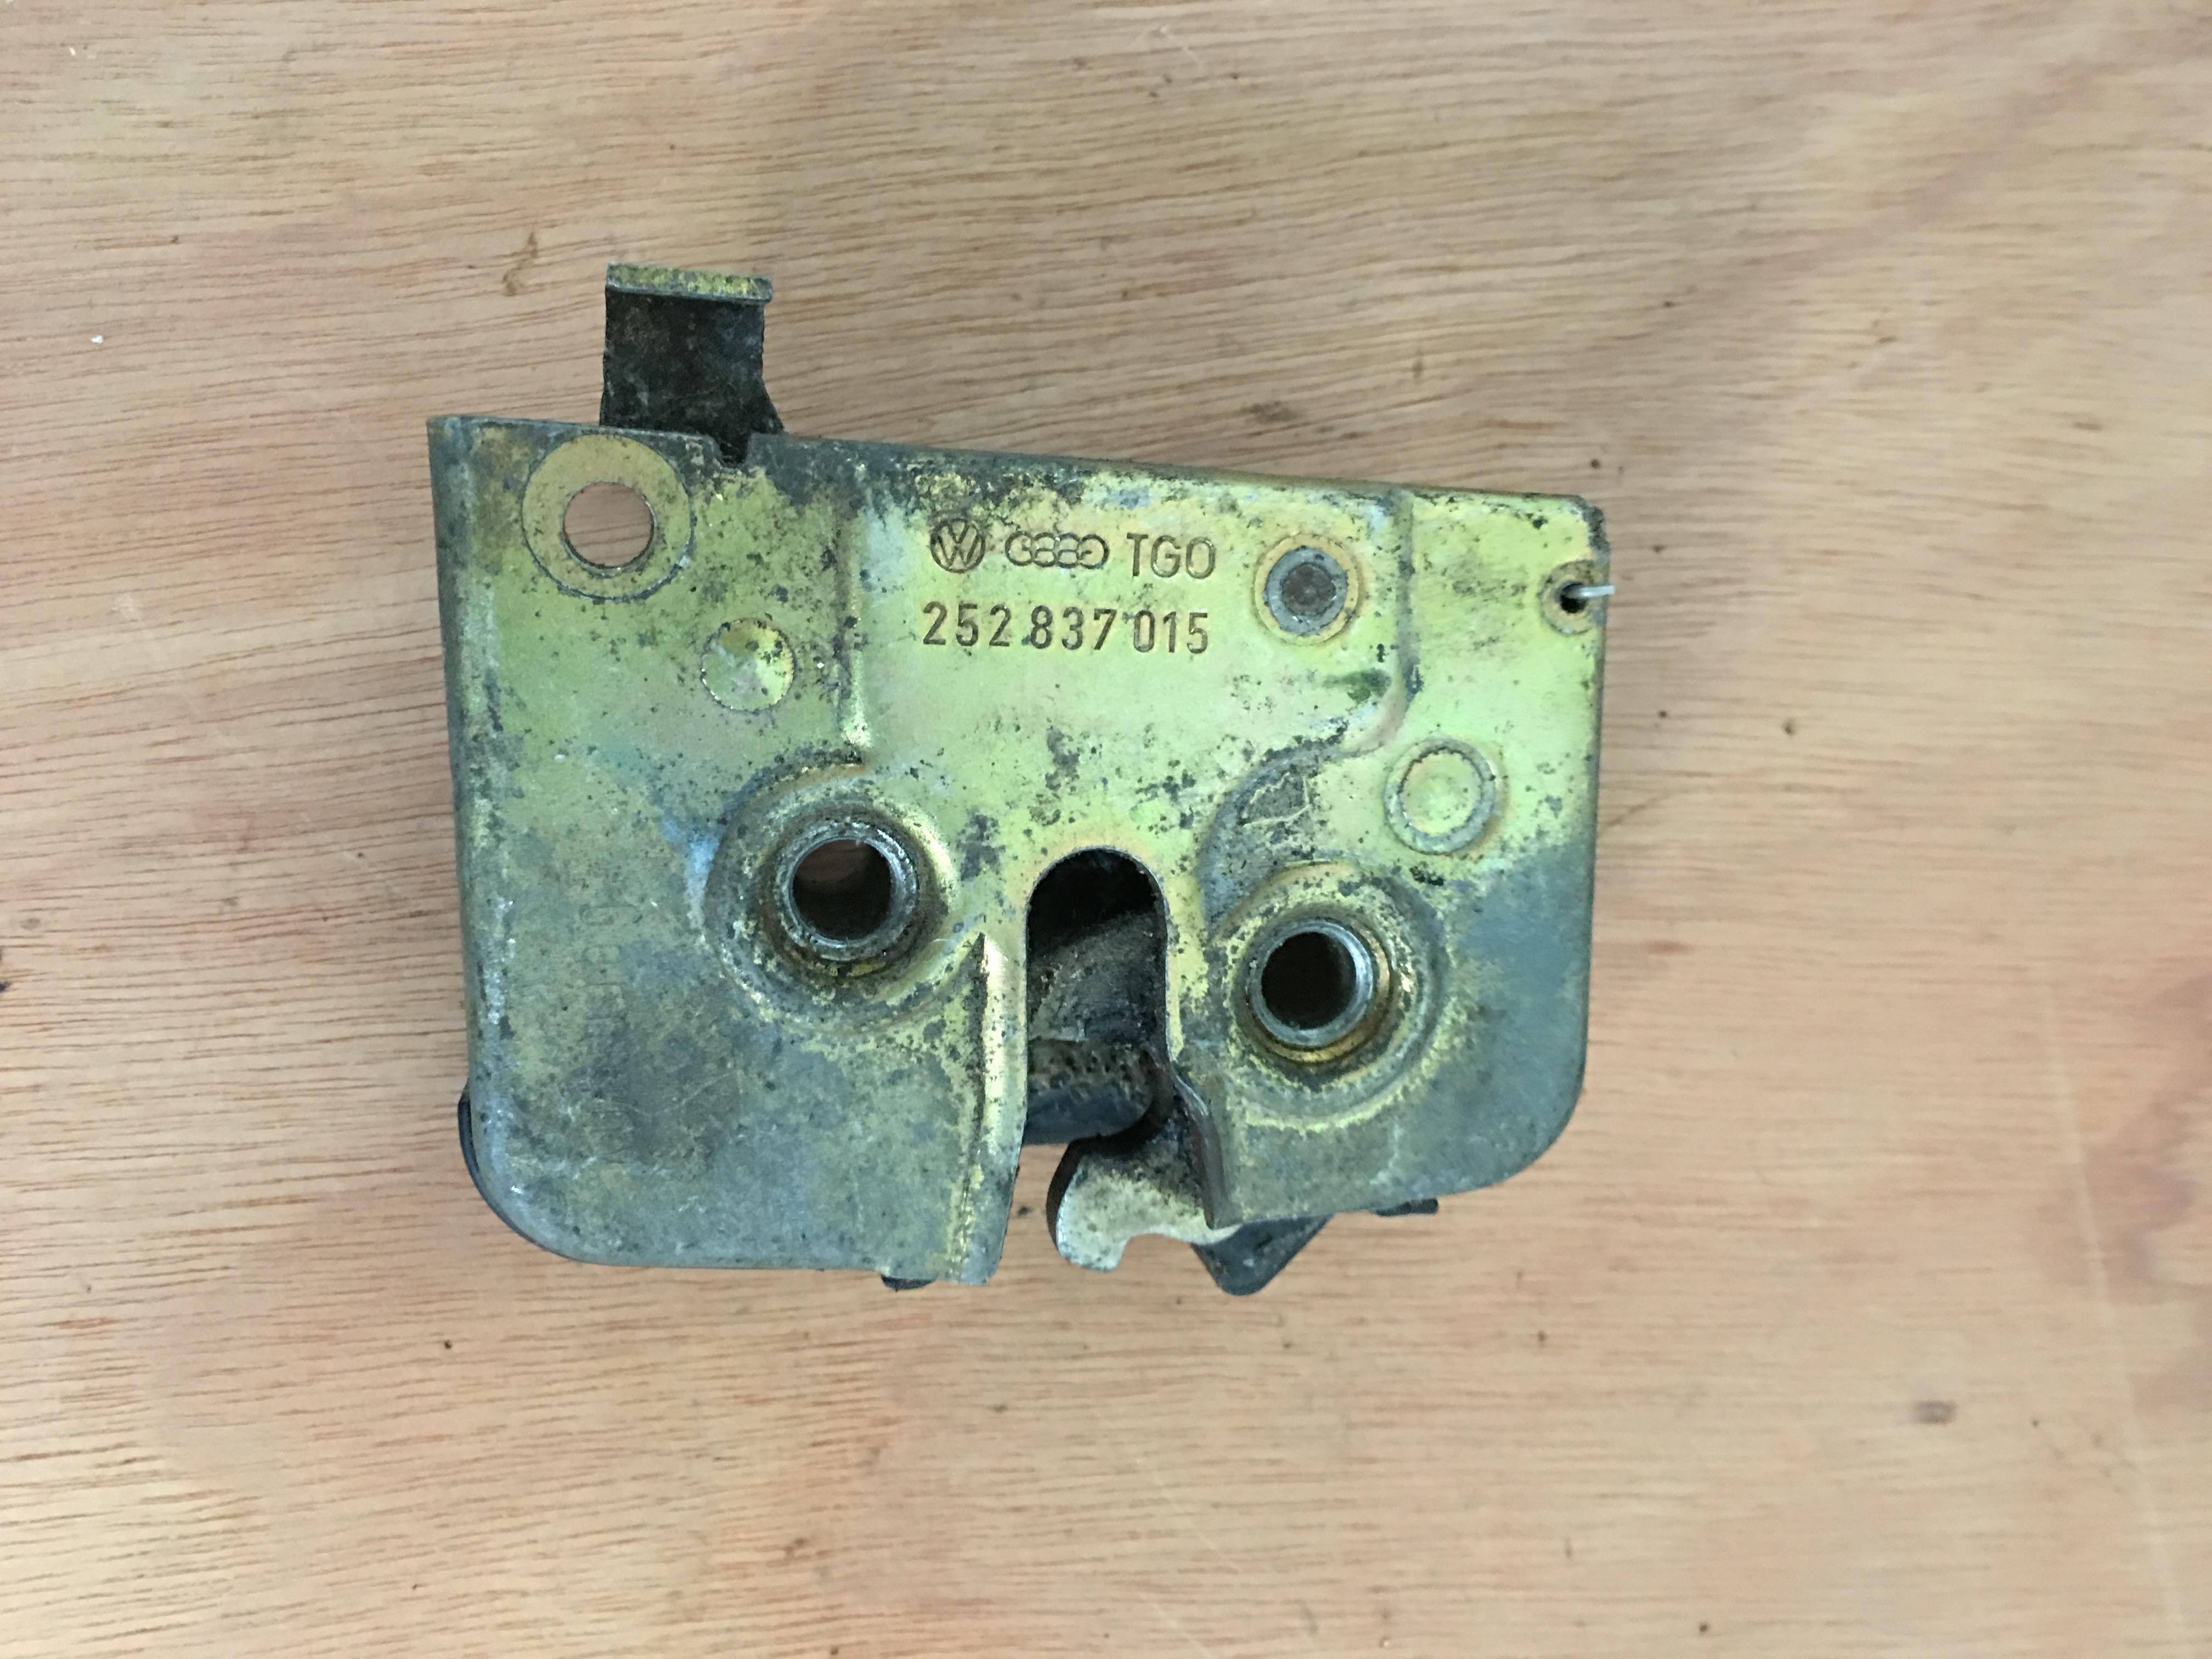 Vw T25 Doors & 251 843 704 VW T25 Sliding Door Handle (79-85)